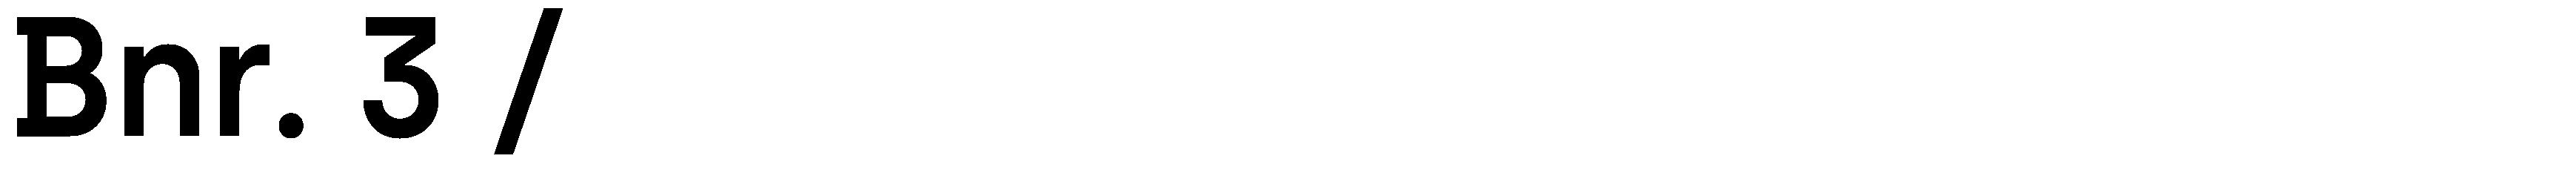 6ea11450-1d1f-11eb-b9df-a11575ad2f84.png